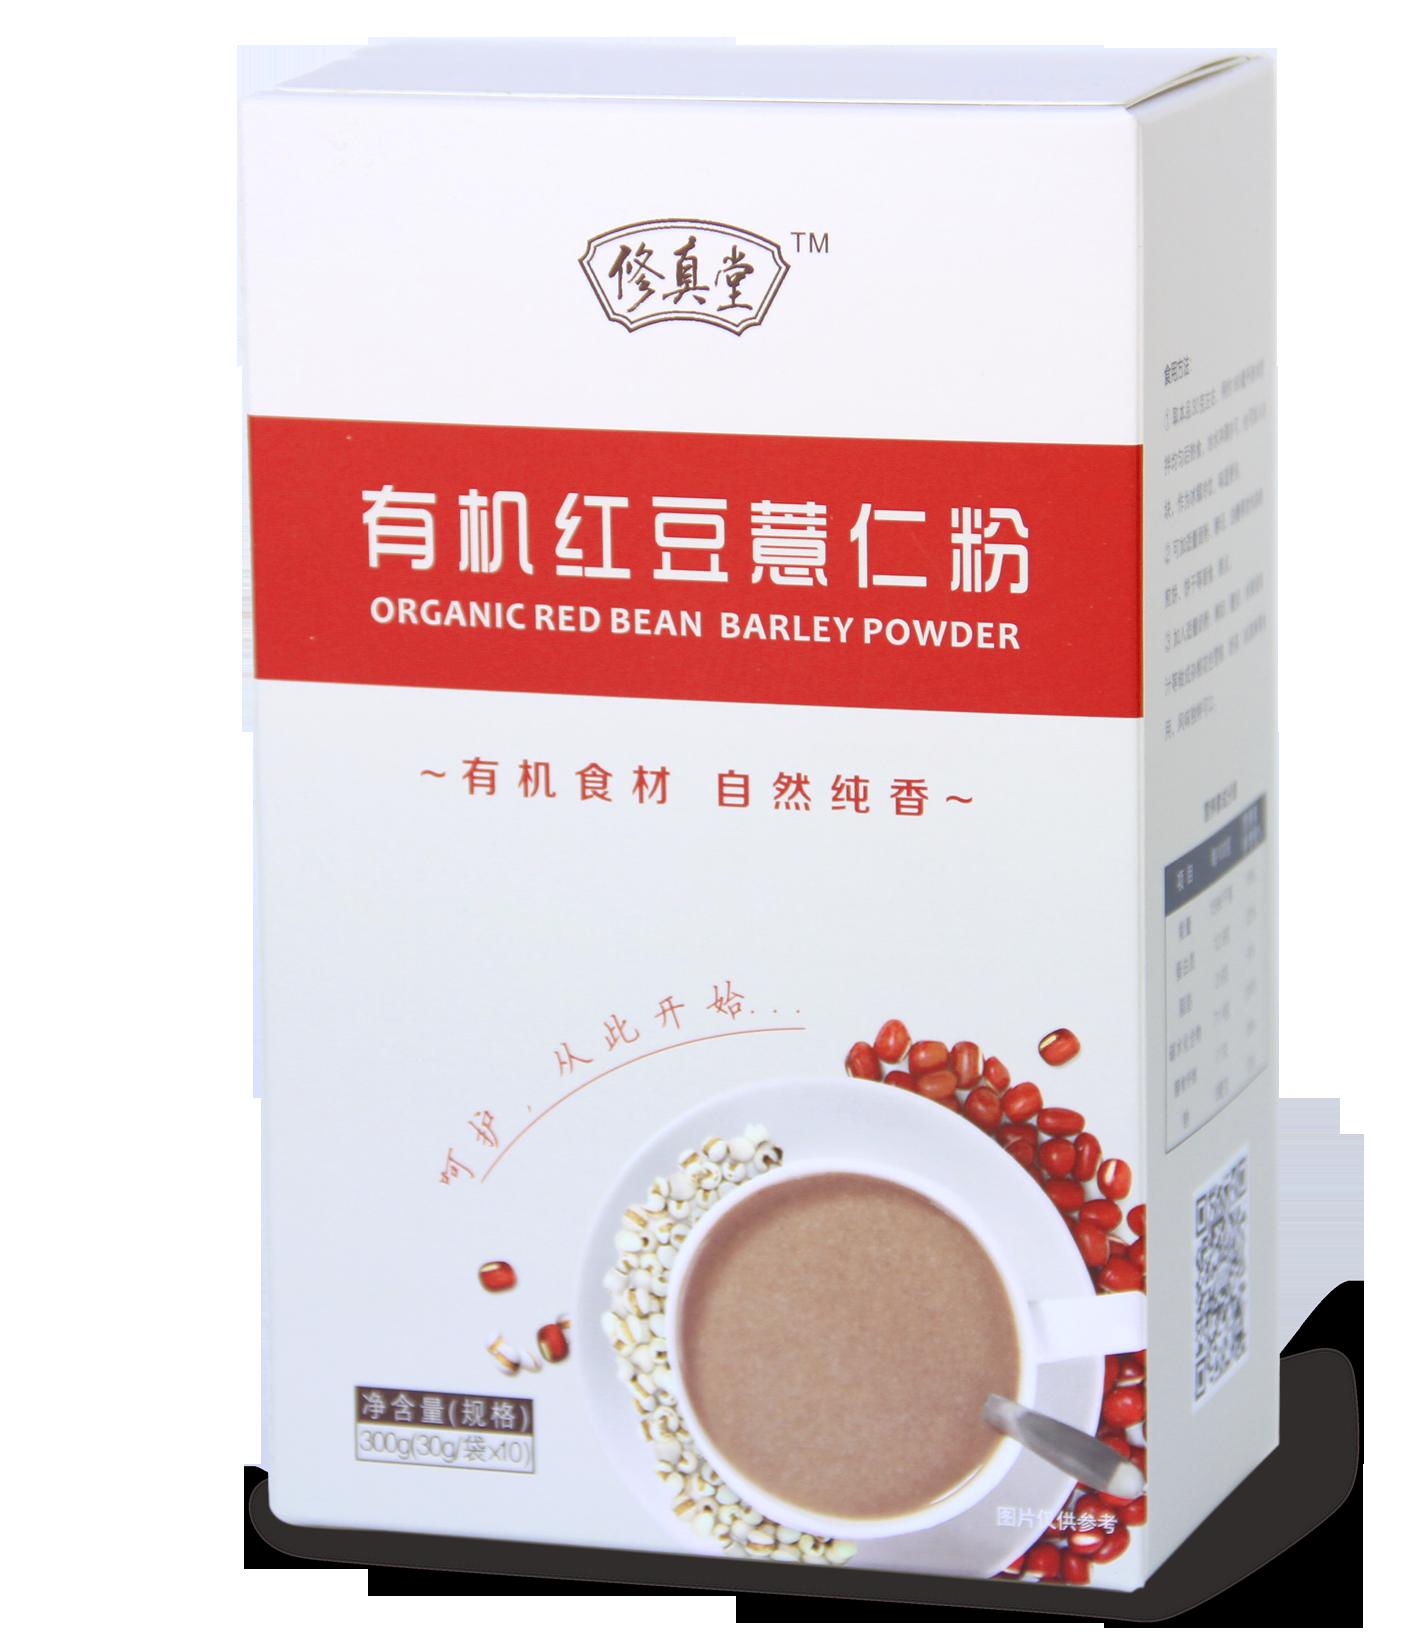 红豆薏仁粉哪个牌子好-保健品修真堂加盟电话-河南佳源农业股份有限公司